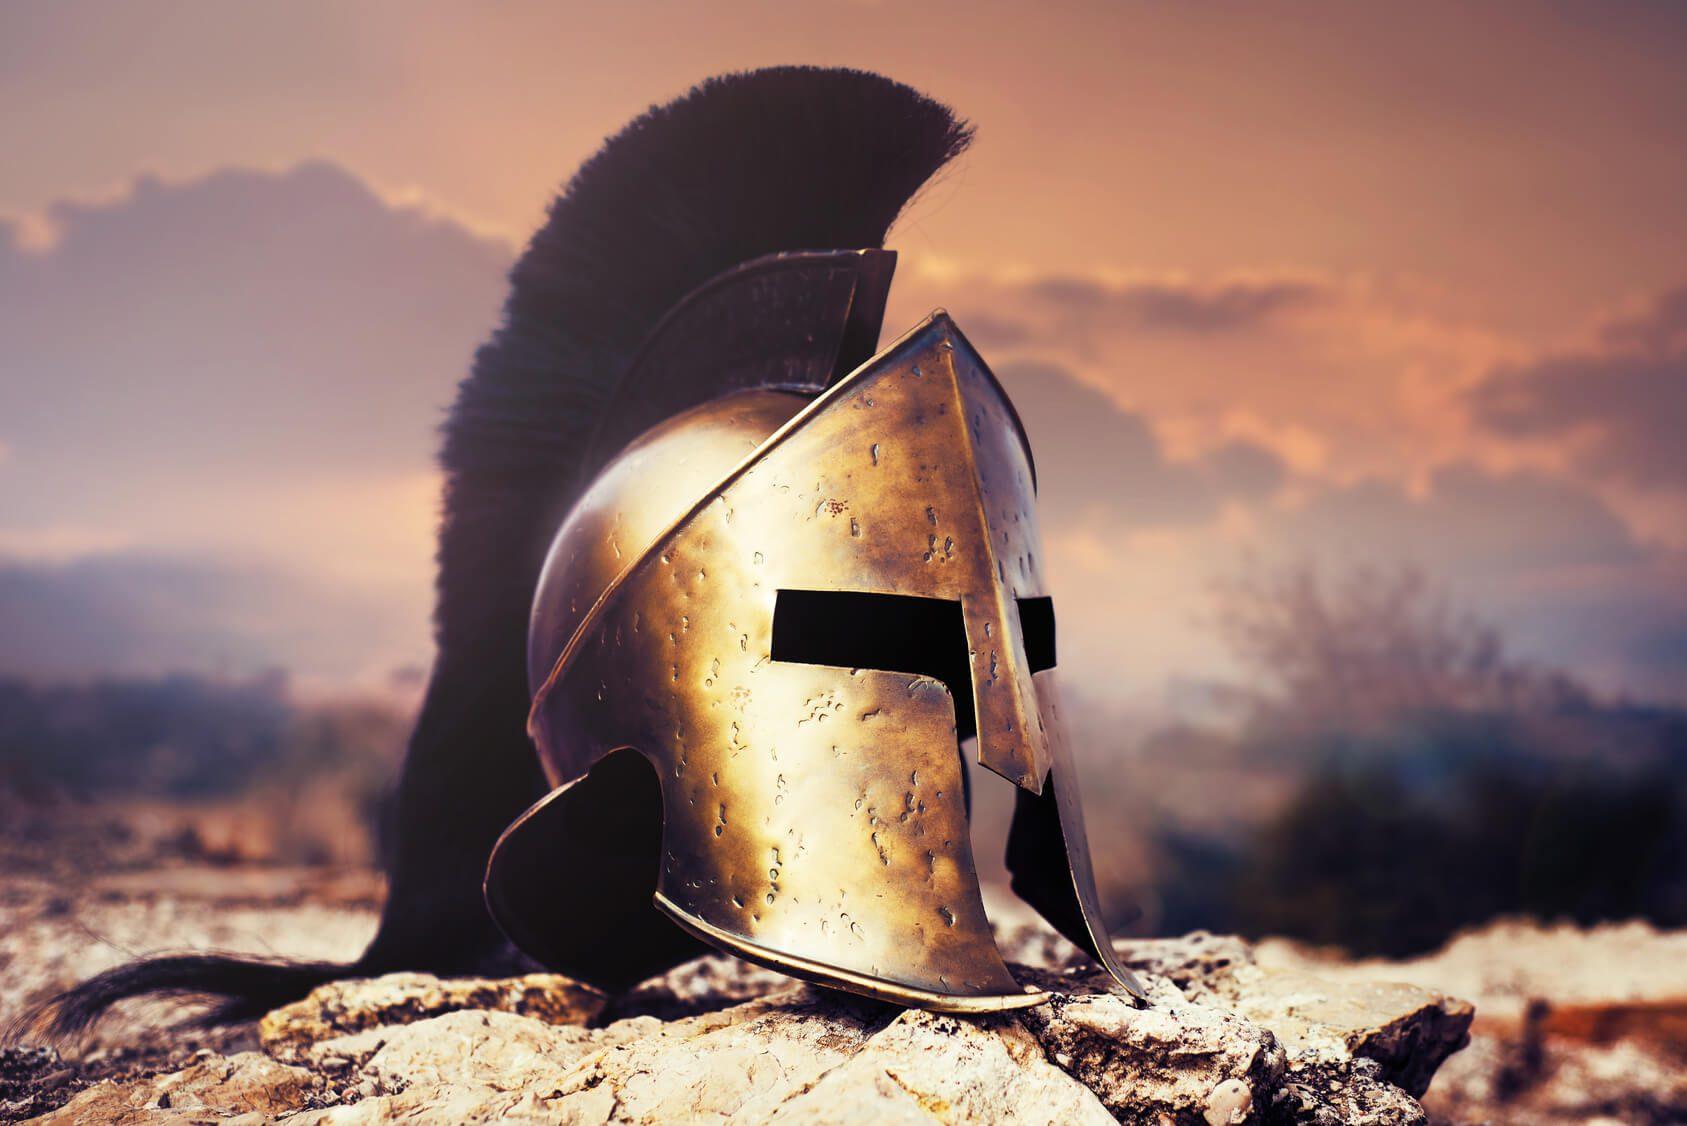 Spartan Protocol, anunció que había sido víctima de un exploit, en el que perdió 30 millones de dólares de sus bóvedas.